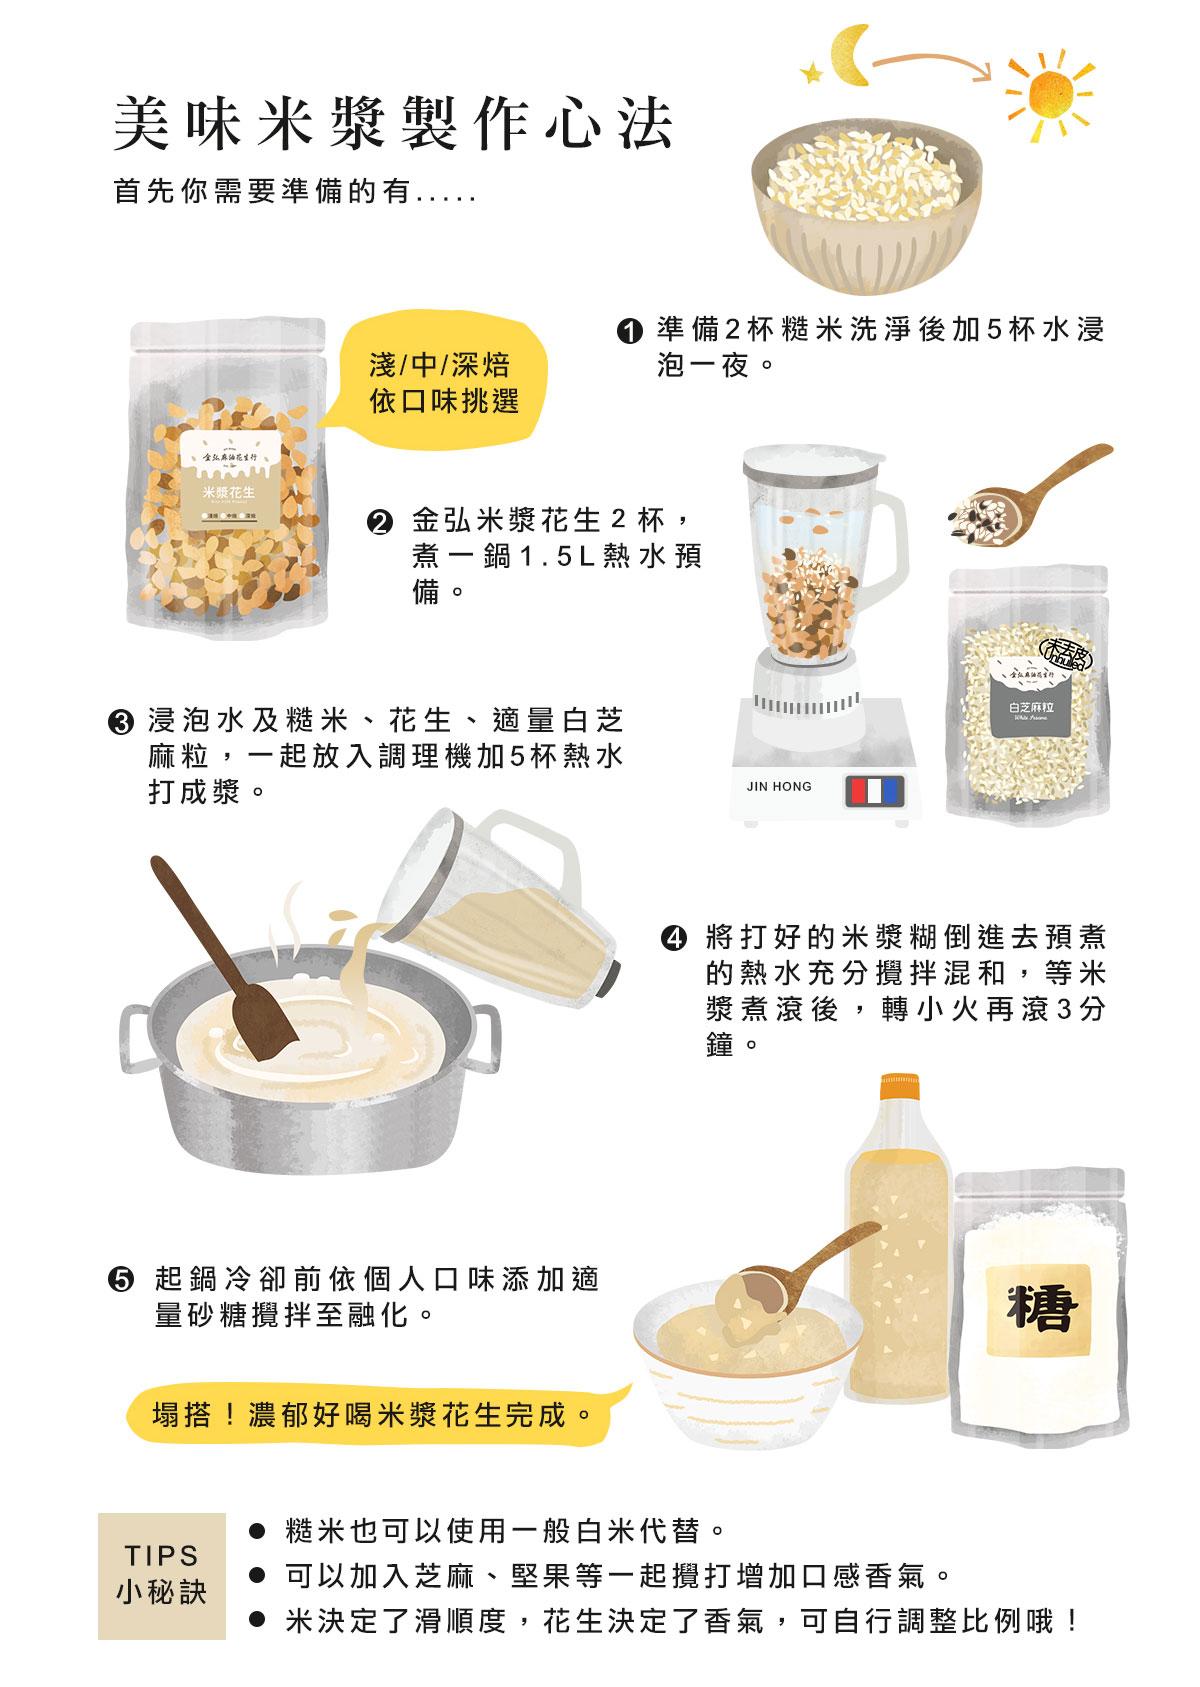 美味米漿製作心法:準備2杯糙米洗淨後加5杯水浸泡一夜。金弘米漿花生2杯, 煮一鍋1.5L熱水預備。浸泡水及糙米、花生、適量白芝麻粒,一起放入調理機加5杯熱水打成漿。將打好的米漿糊倒進去預煮的熱水充分攪拌混和,等米漿煮滾後,轉小火再滾3分鐘。起鍋冷卻前依個人口味添加適量砂糖攪拌至融化即完成。